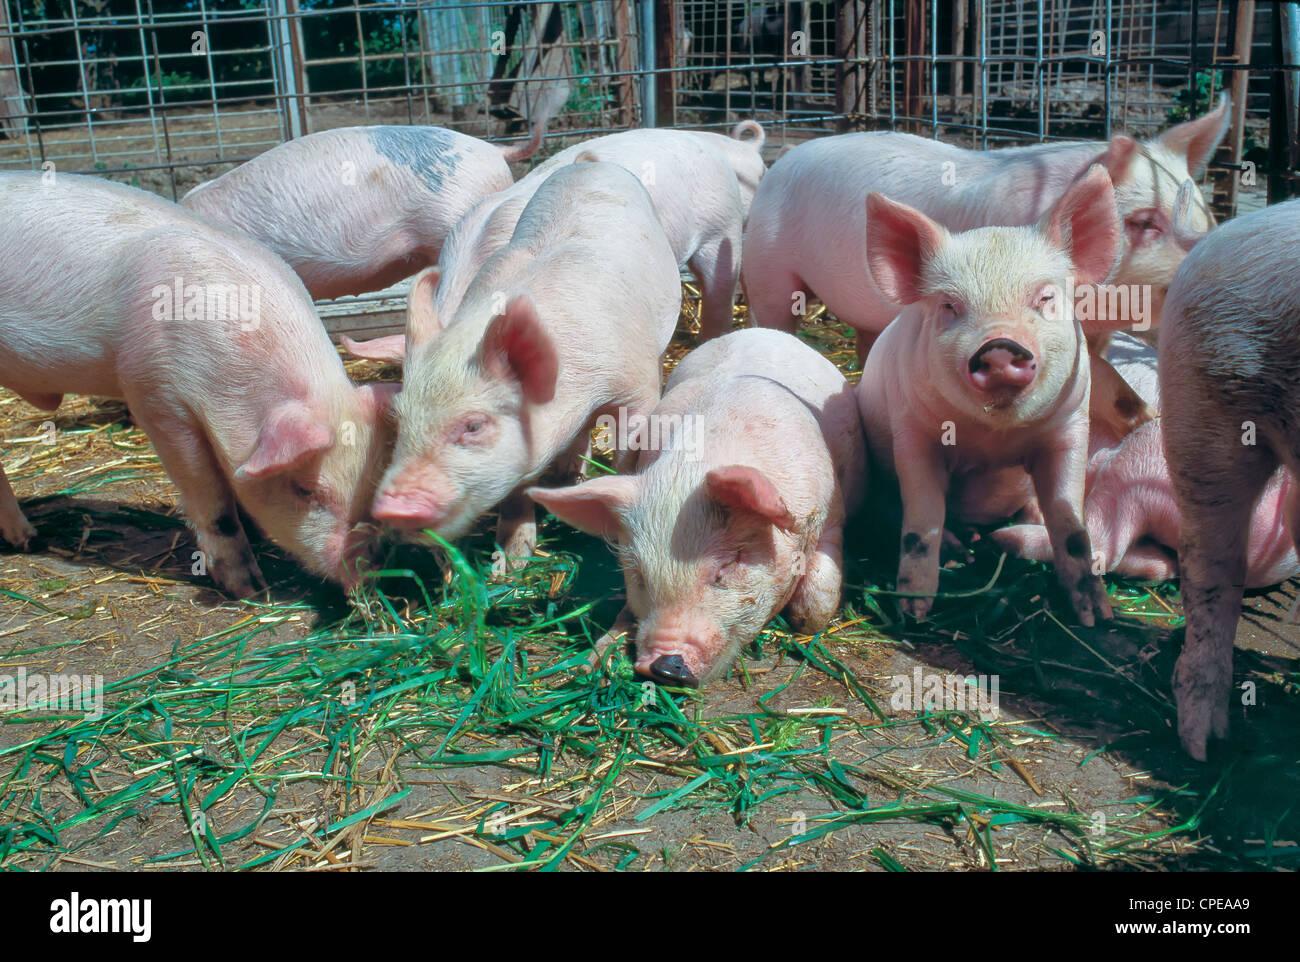 Los cerdos menores 'Yorkshire' alimentación en lápiz. Imagen De Stock